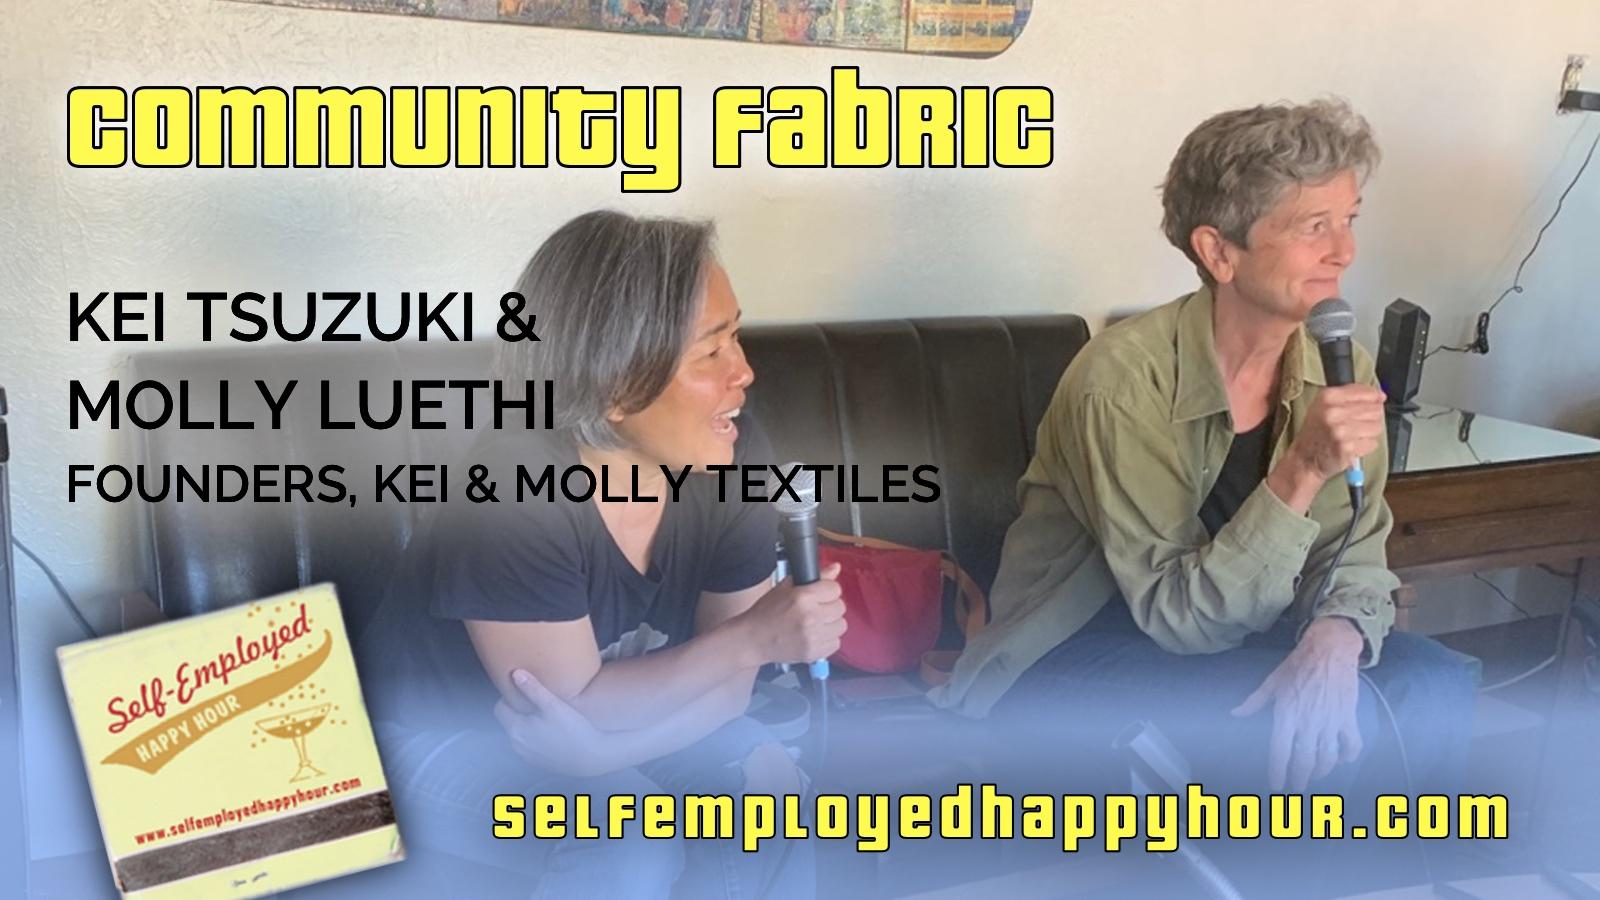 Community Fabric: Kei Tsuzuki and Molly Luethi of Kei & Molly Textiles